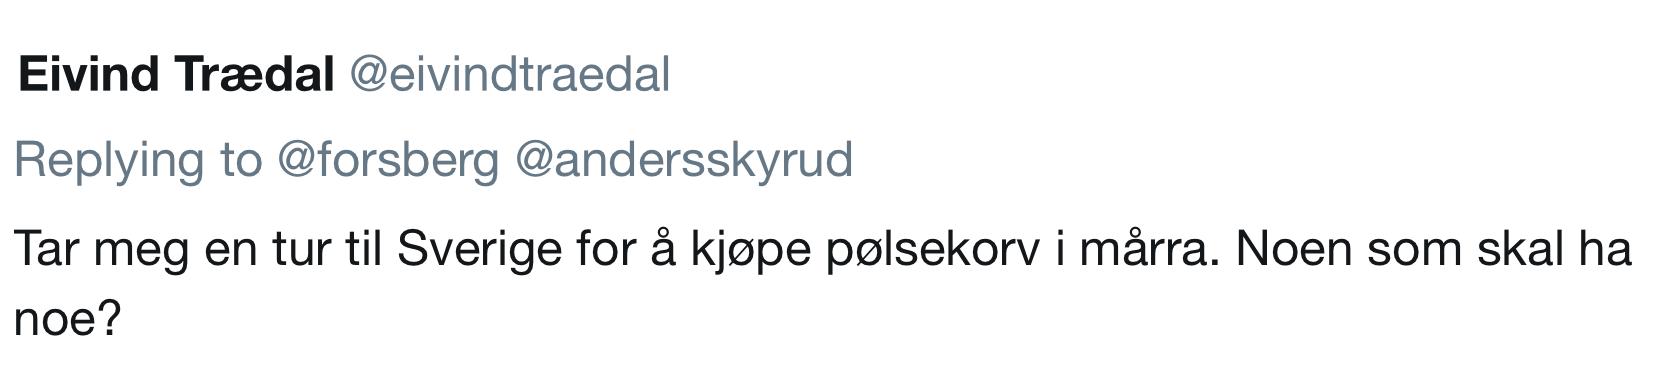 Skjermbilde 2019-04-22 kl. 16.22.45.png